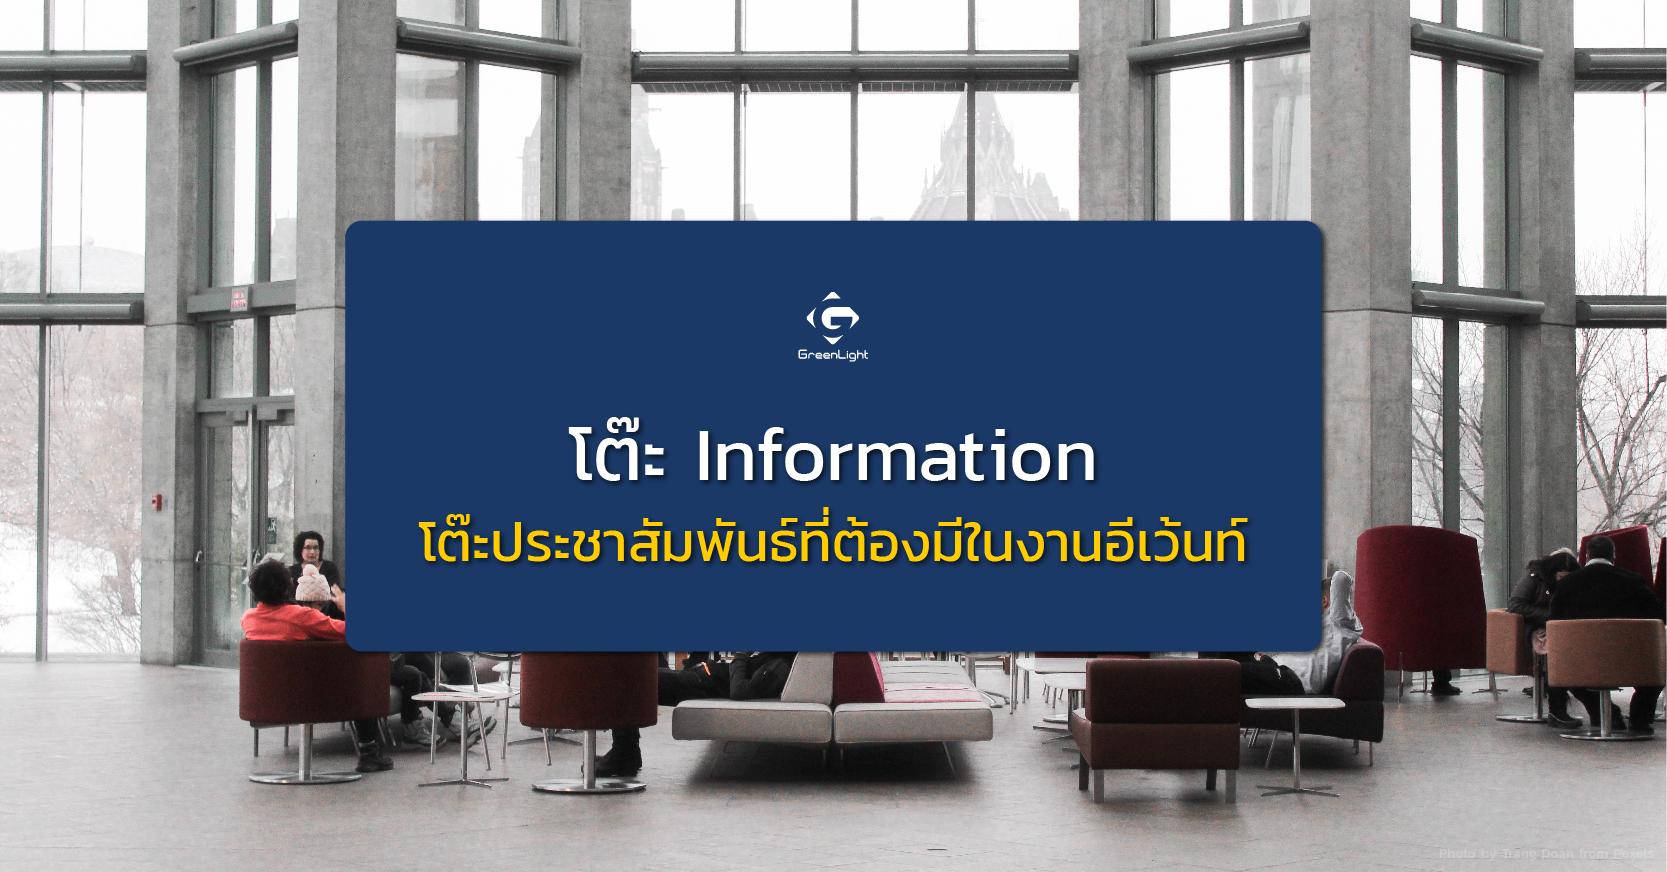 โต๊ะ Information โต๊ะประชาสัมพันธ์ที่ต้องมีในงานอีเว้นท์